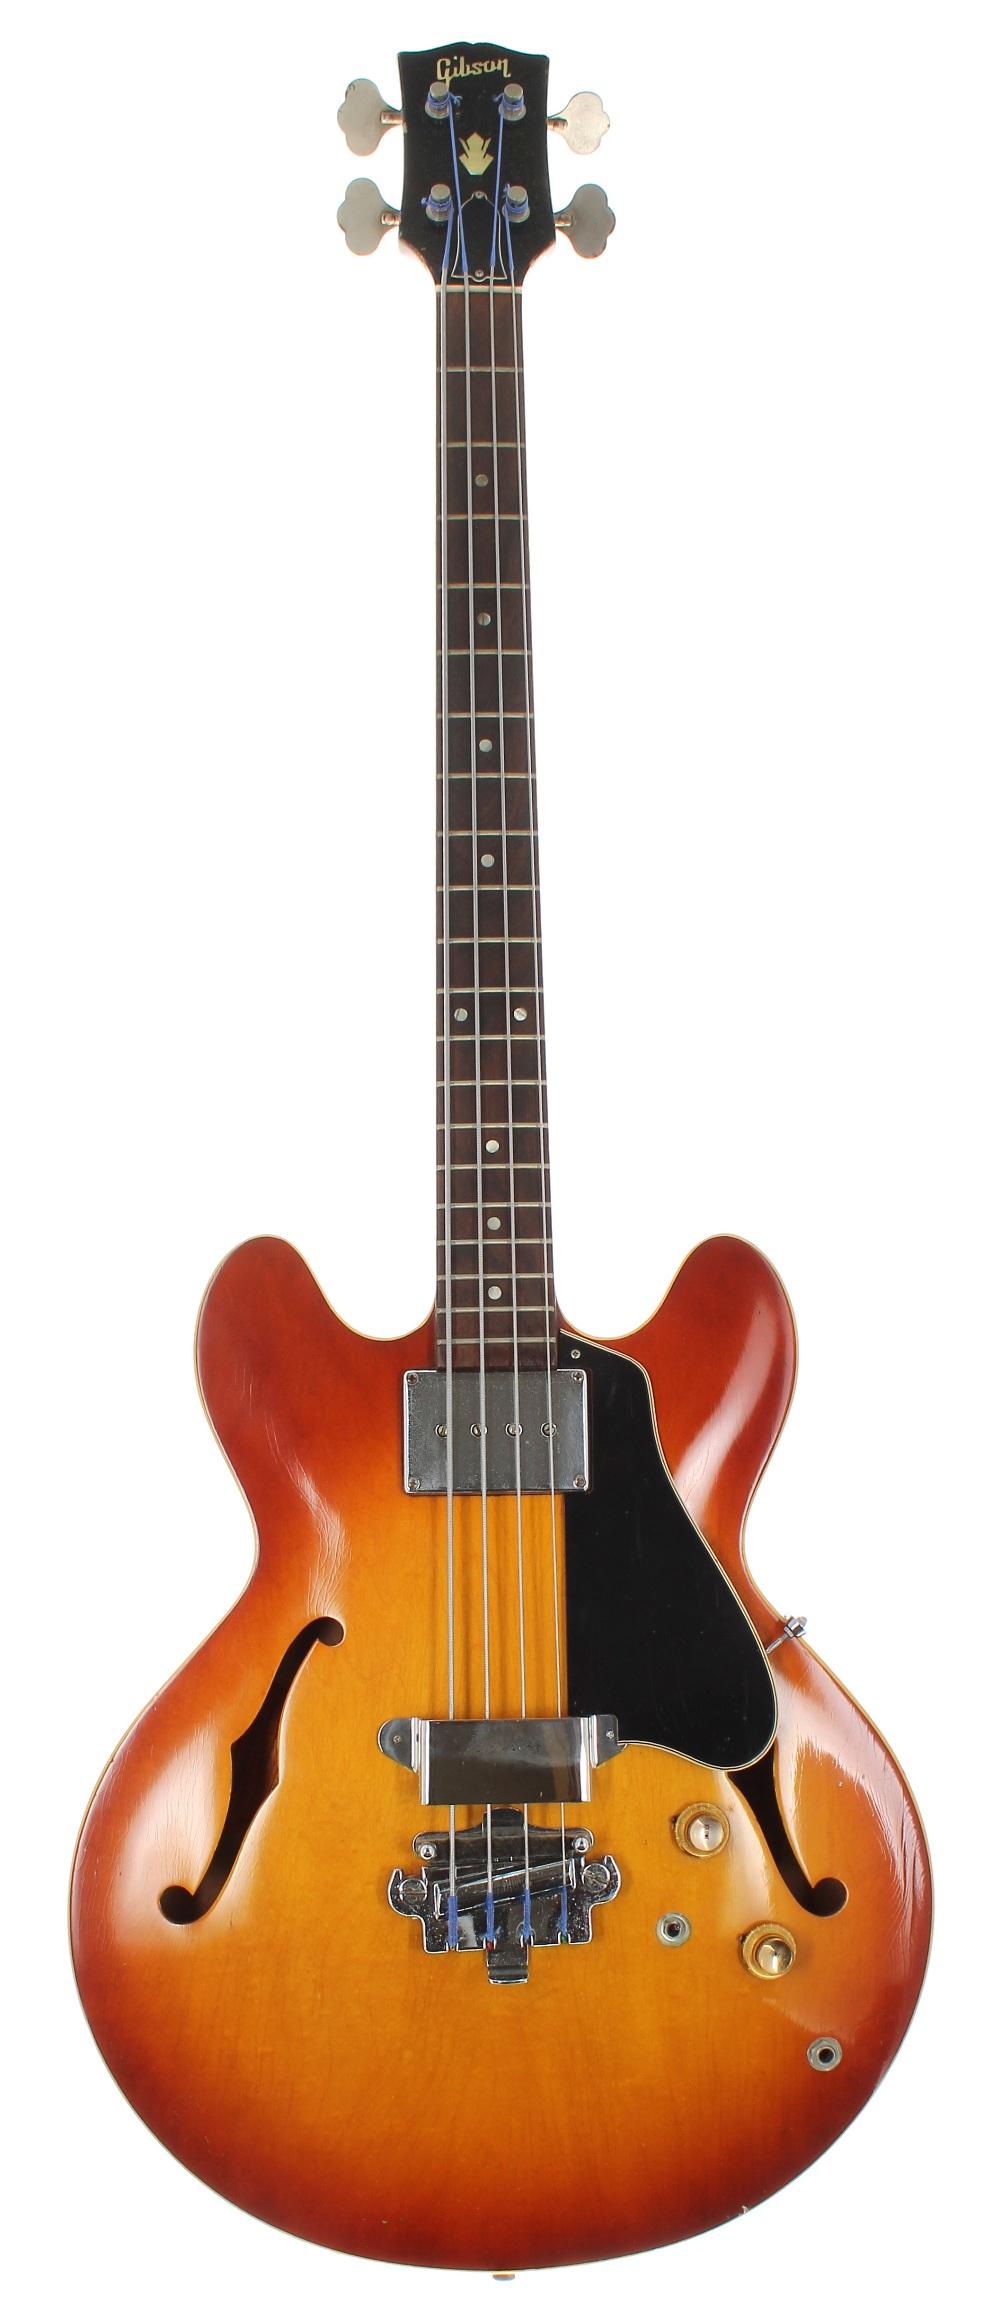 1966 Gibson EB-2 semi-hollow body bass guitar, made in USA, ser. no. 4xxxx6; Finish: sunburst,